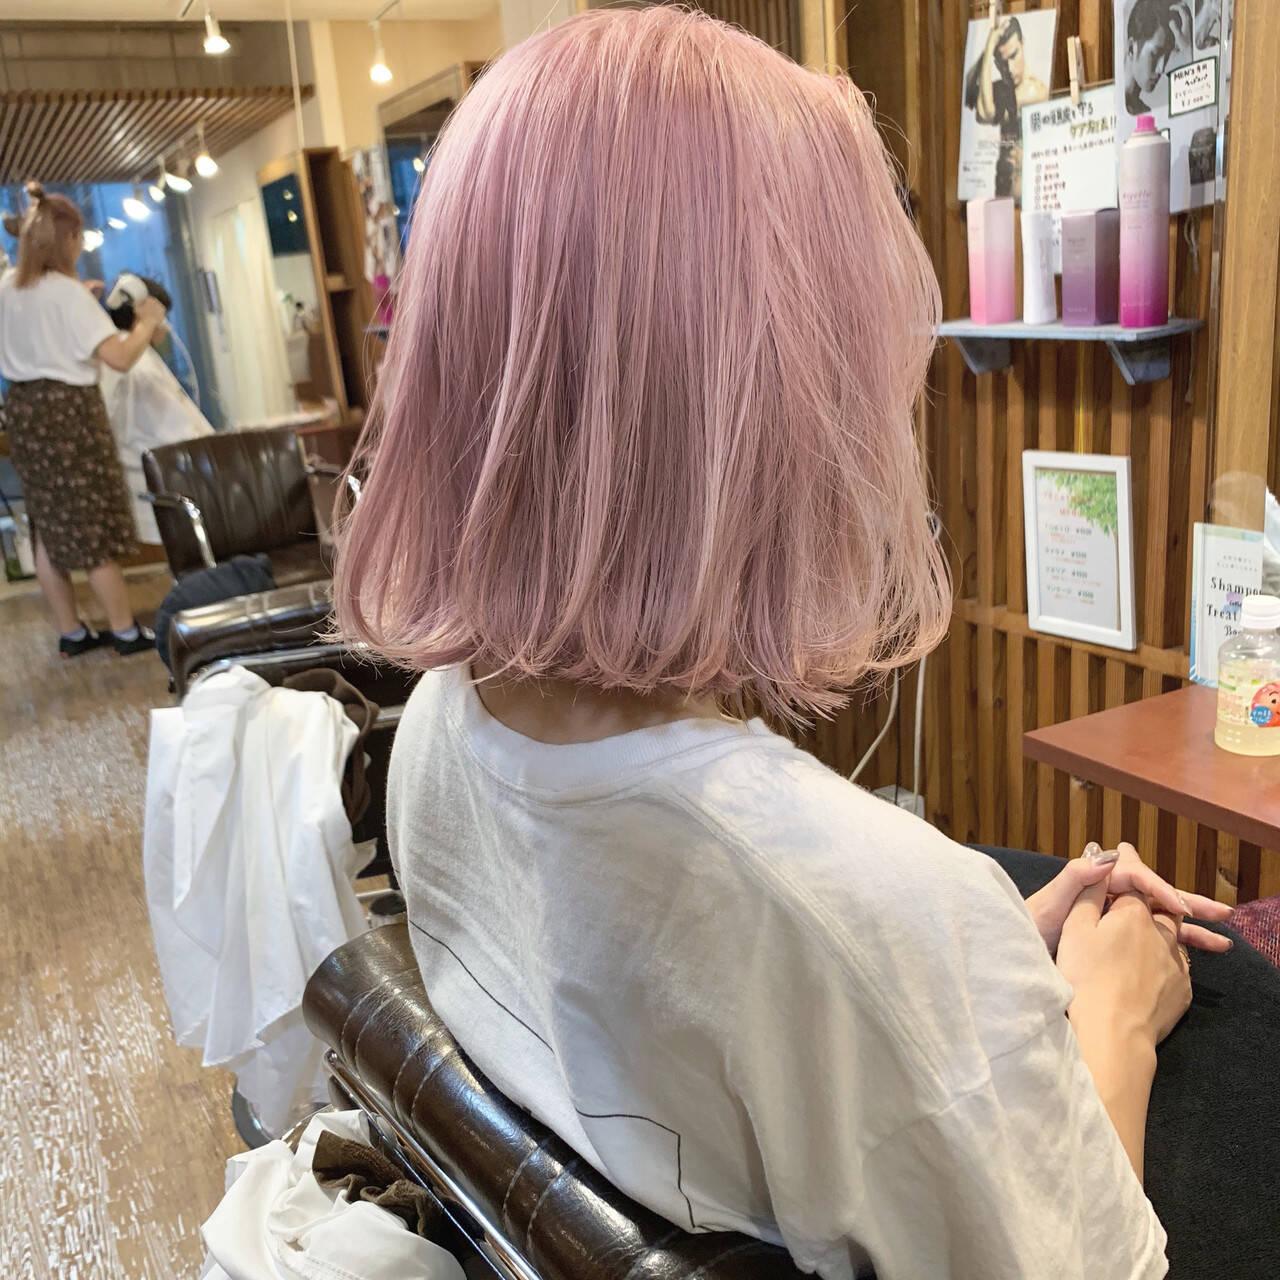 ピンク バレイヤージュ 結婚式 フェミニンヘアスタイルや髪型の写真・画像